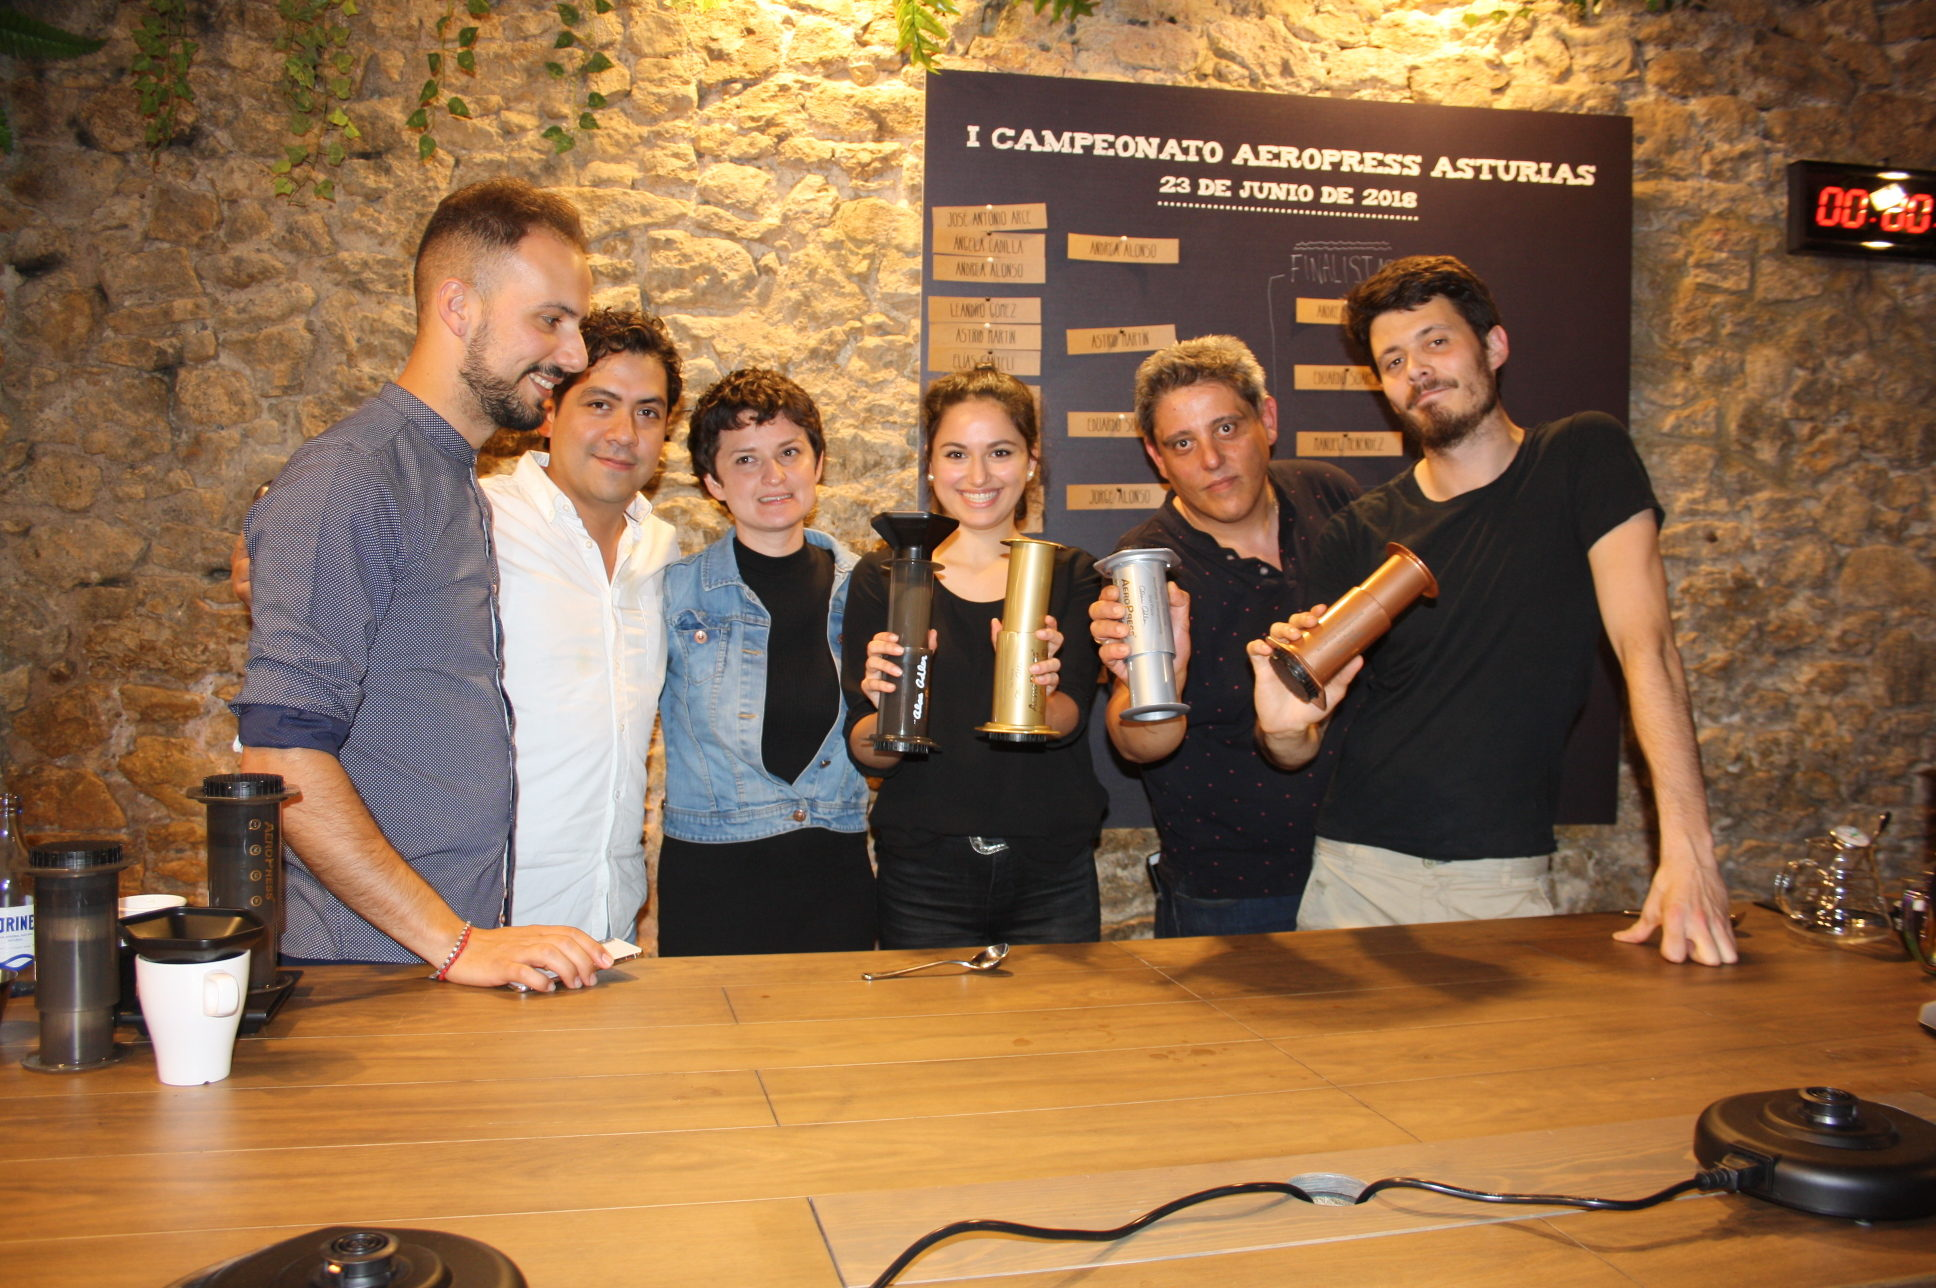 Éxito de Cafés Oquendo en el I Campeonato AeroPress de Asturias